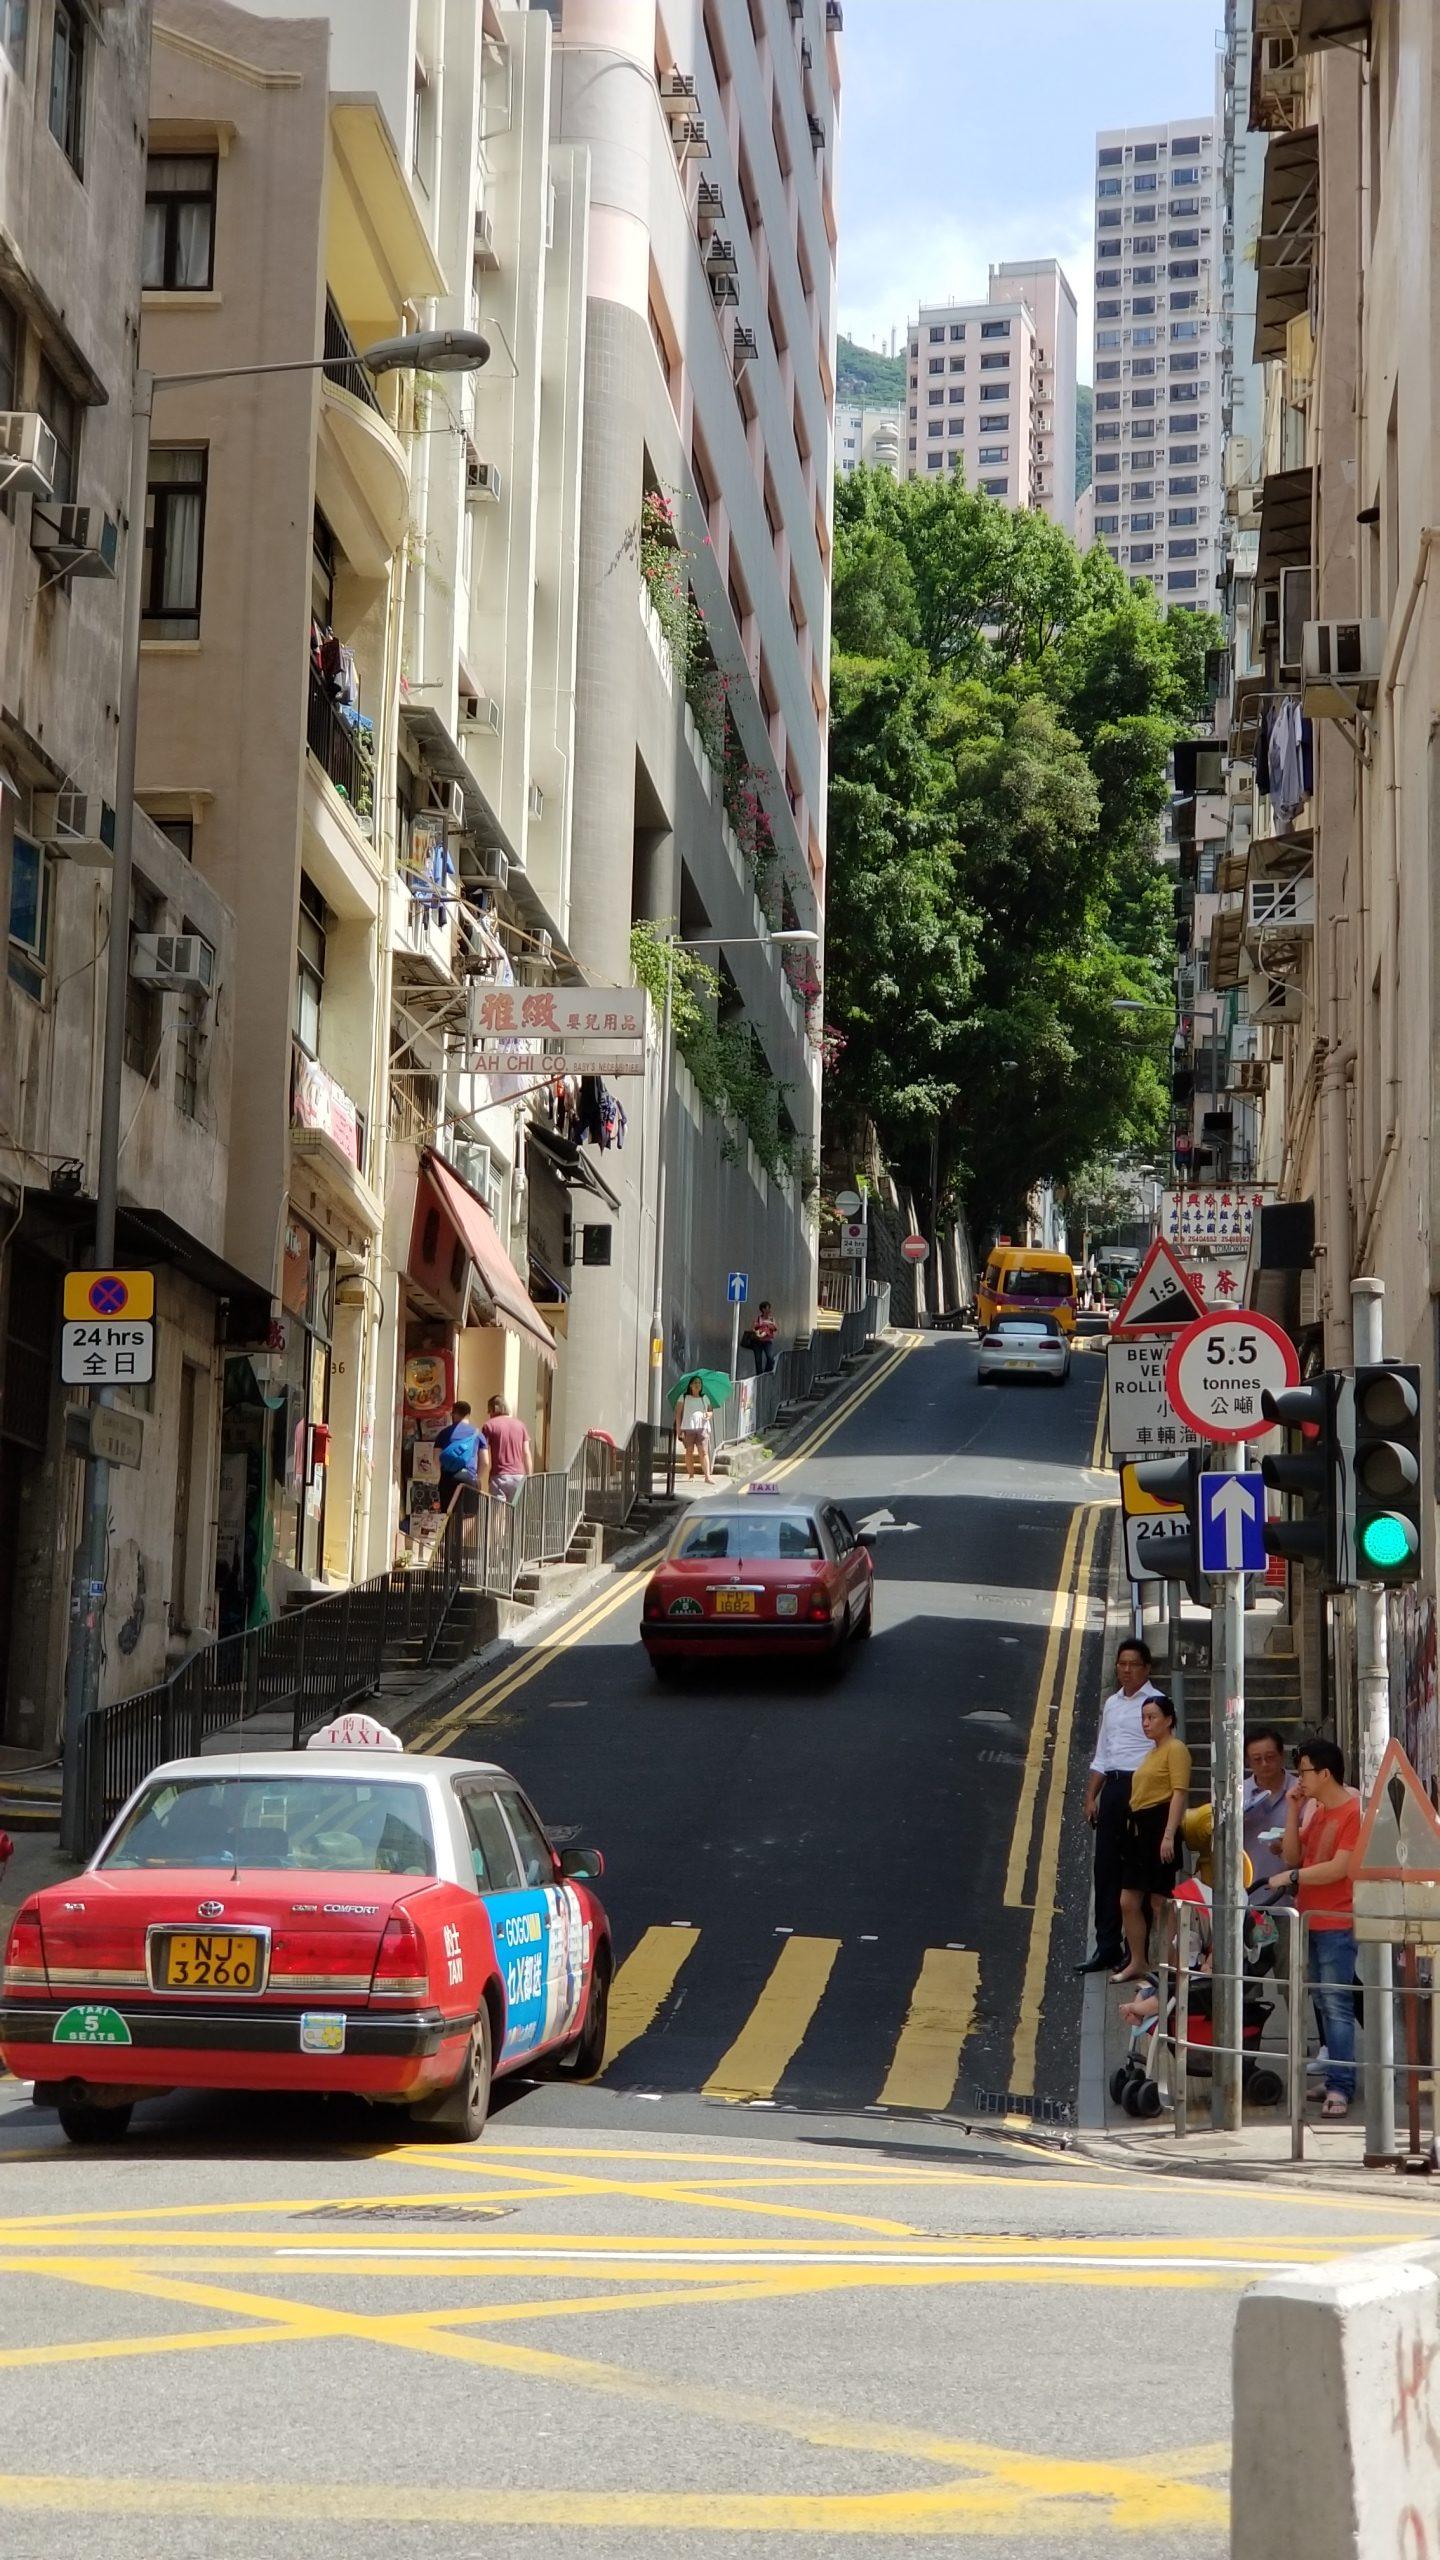 2018年5月 香港・シンセン出張 HK SZ